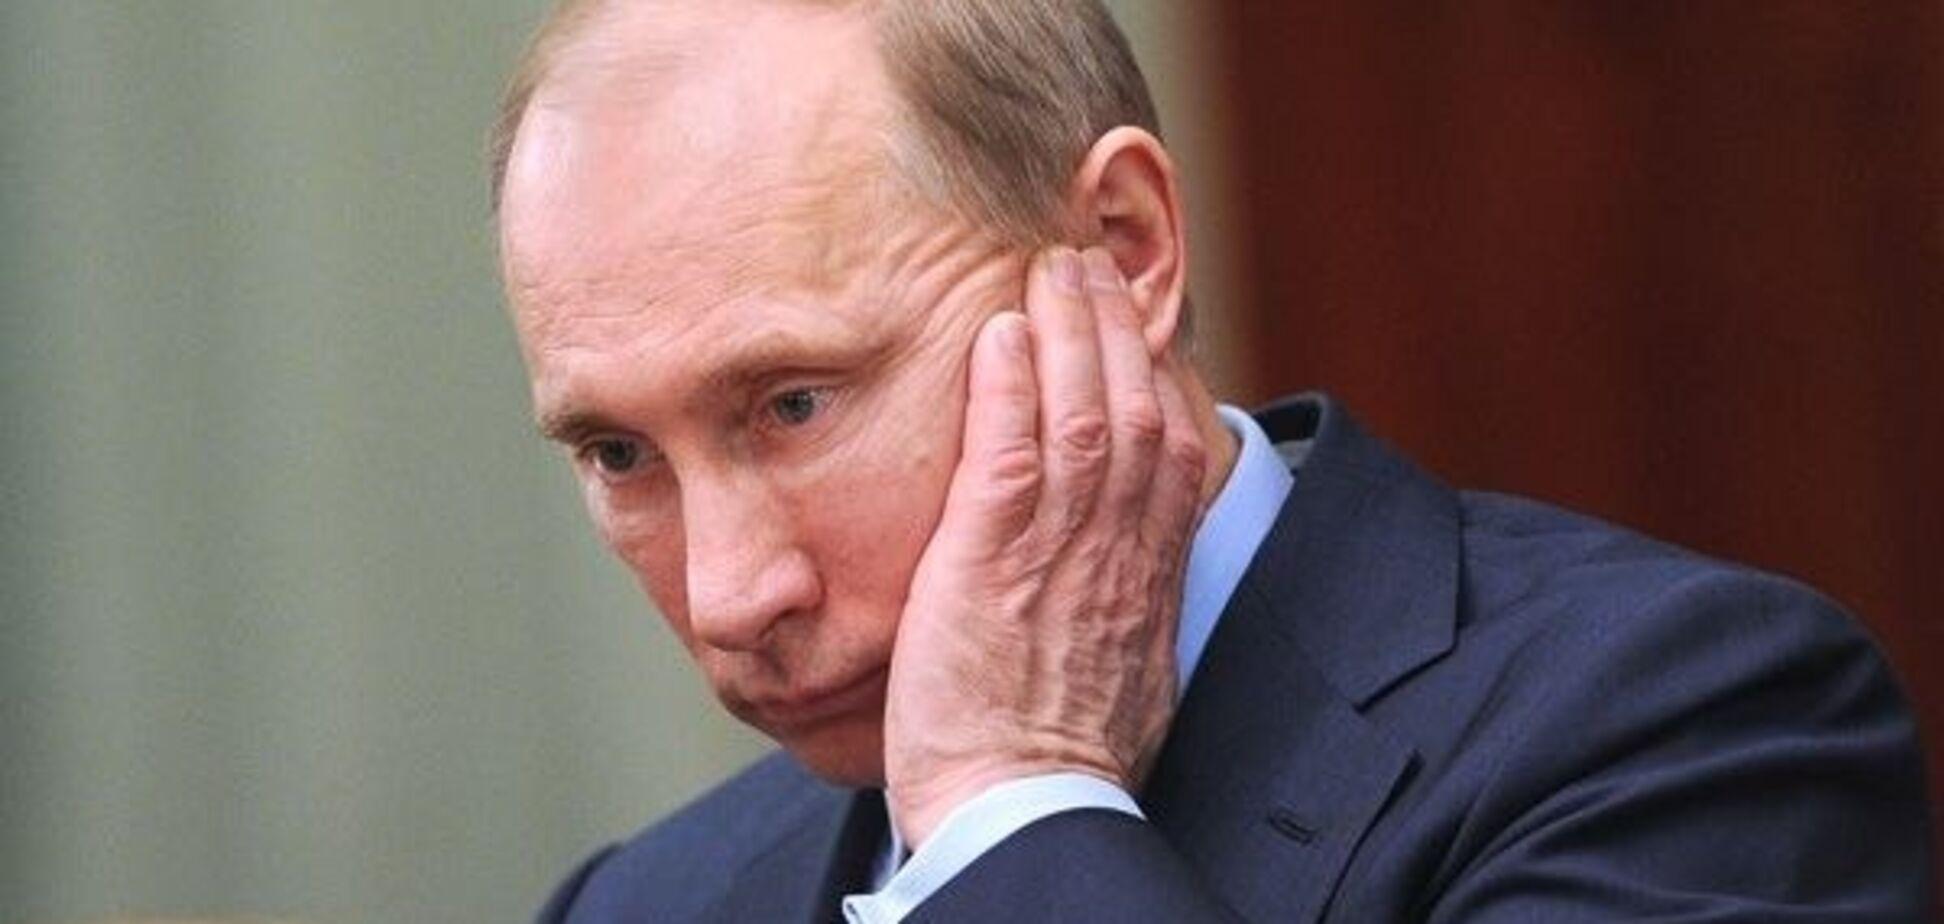 Перекладу не потрібно: з Путіним на публіці трапився конфуз